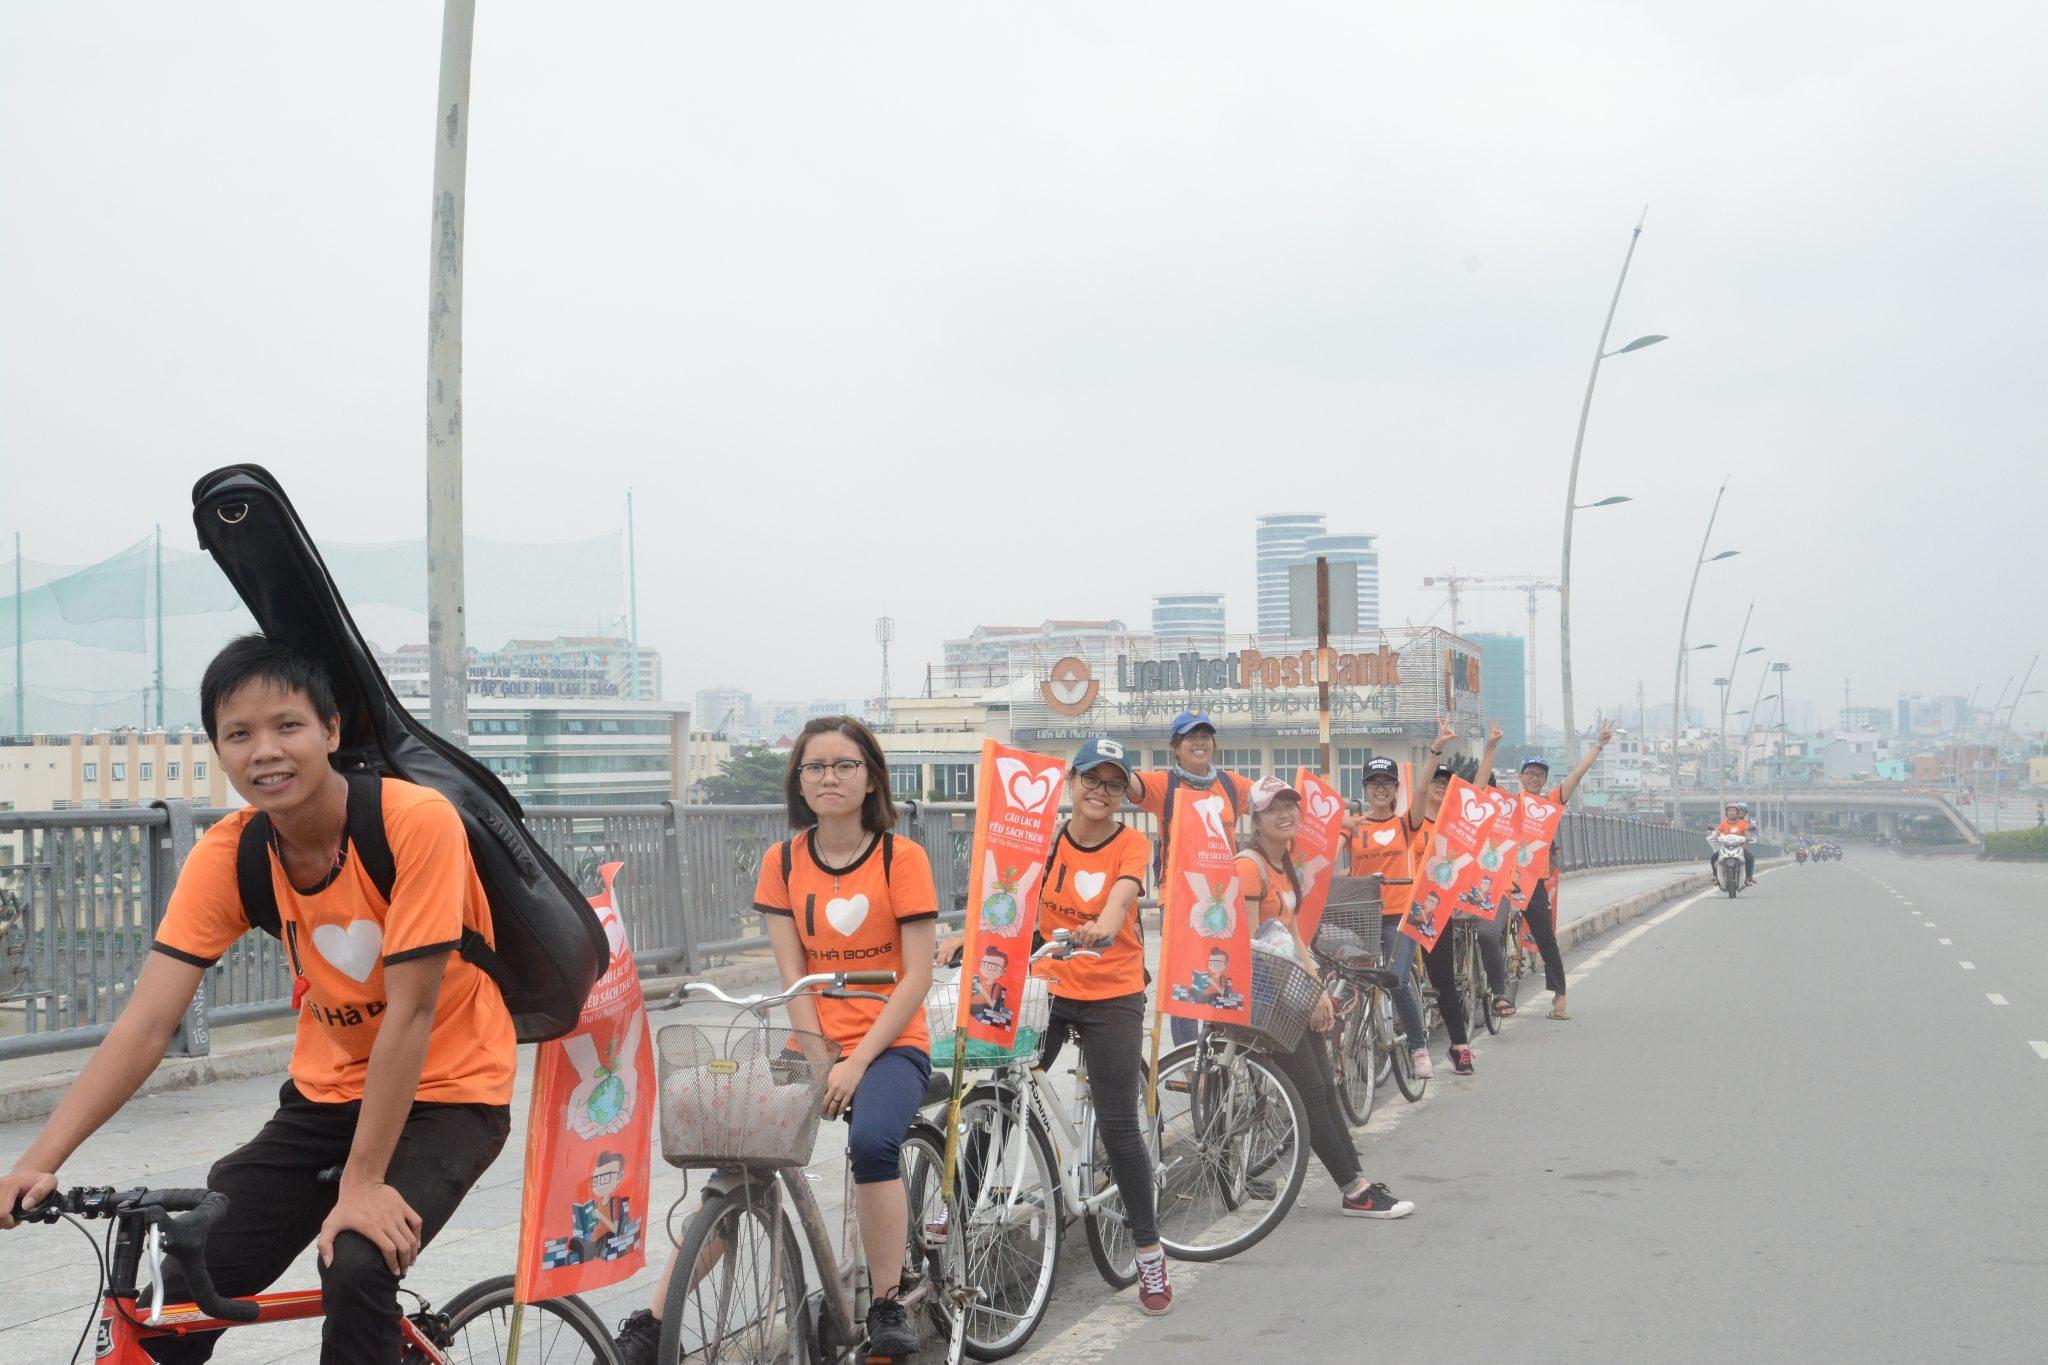 TP HCM, 9h00, Chủ nhật ngày 16.10.2016 – Chương trình đạp xe cùng Clb Yêu Sách Thái Hà Tp.HCM